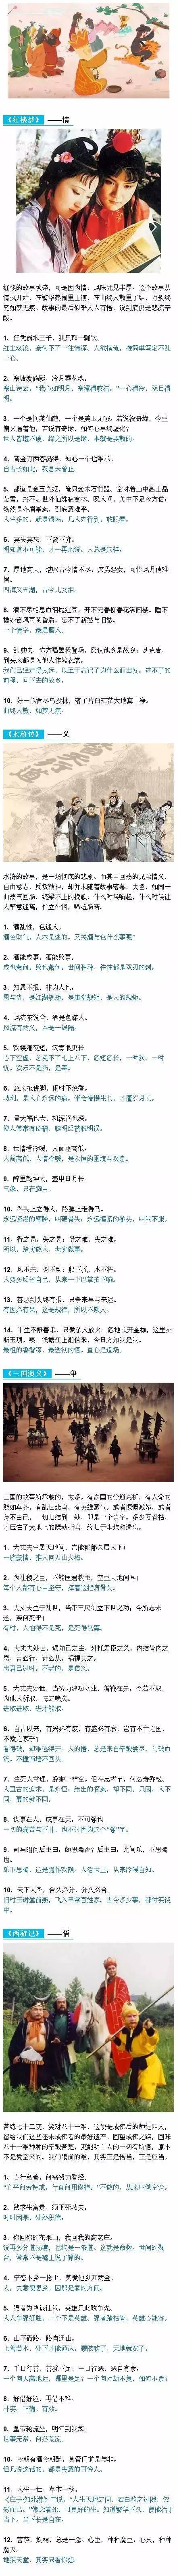 中国四大名著里最动人的话,道尽人生滋味 - 山高月远 - 山高月远的博客